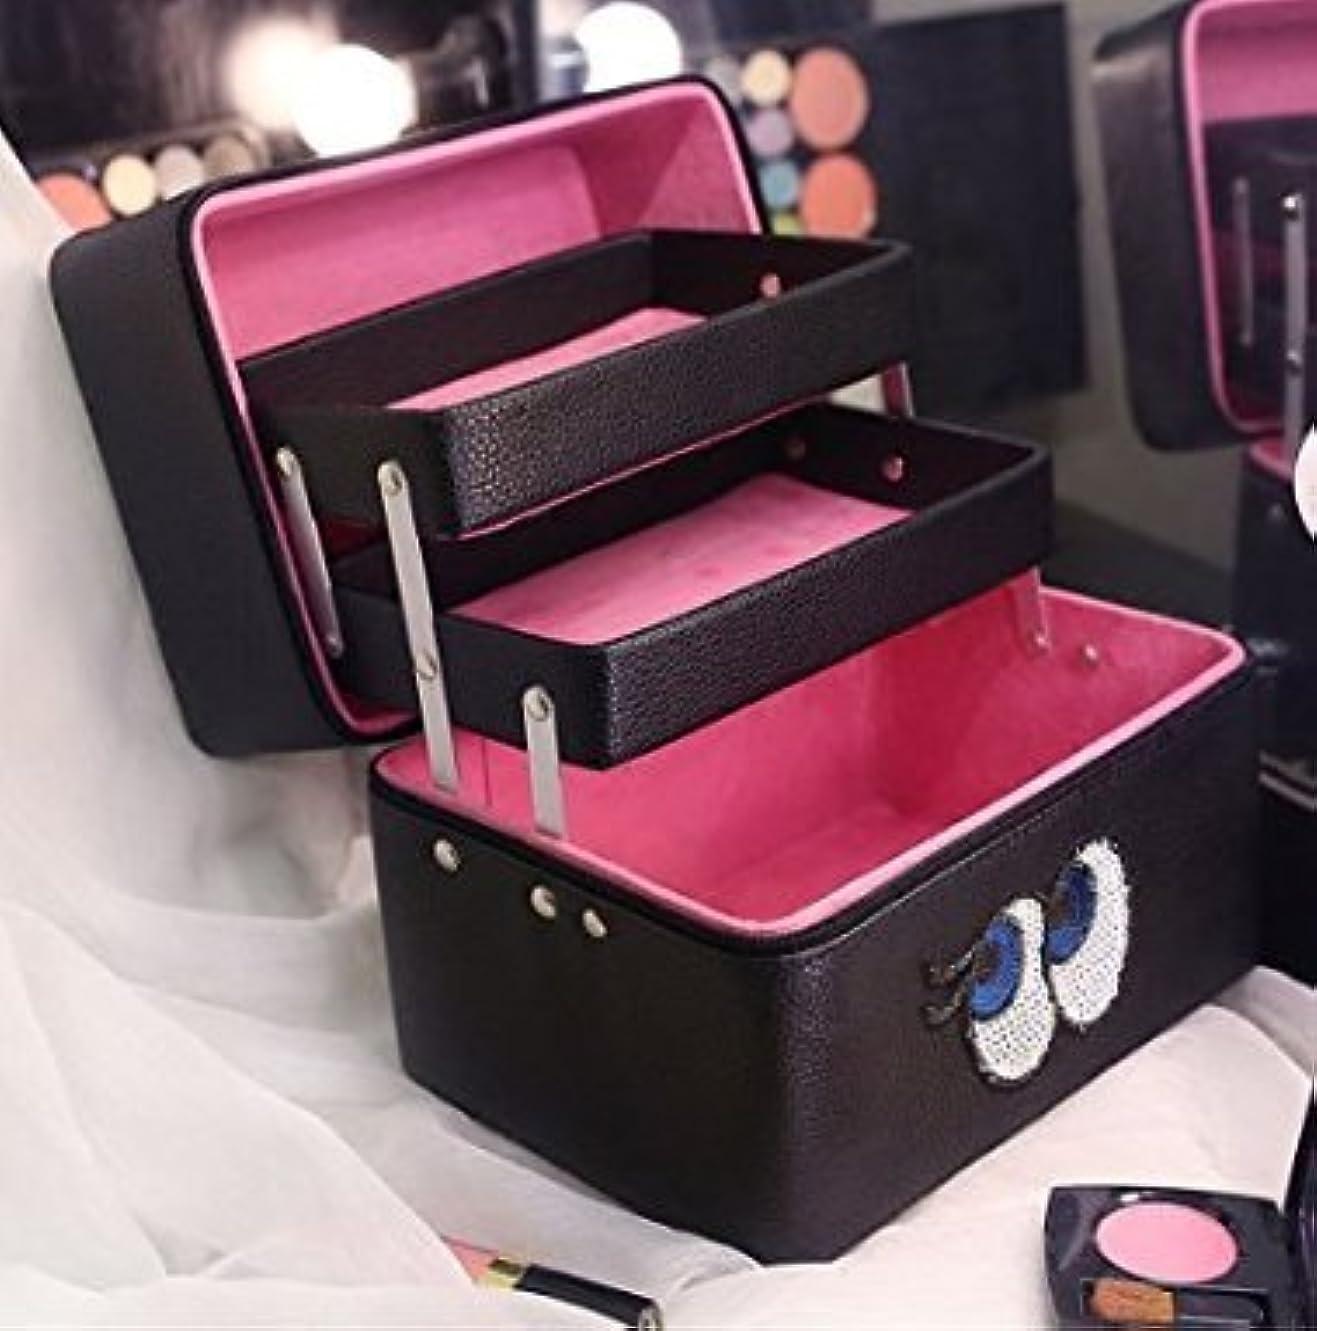 検体熱帯の同行収納ケース 3層 大容量 コスメボックス ジュエリー ボックス 化粧道具入れ 化粧品収納 メイクボックス 持ち運び 雑貨 小物入れ (ブラック)